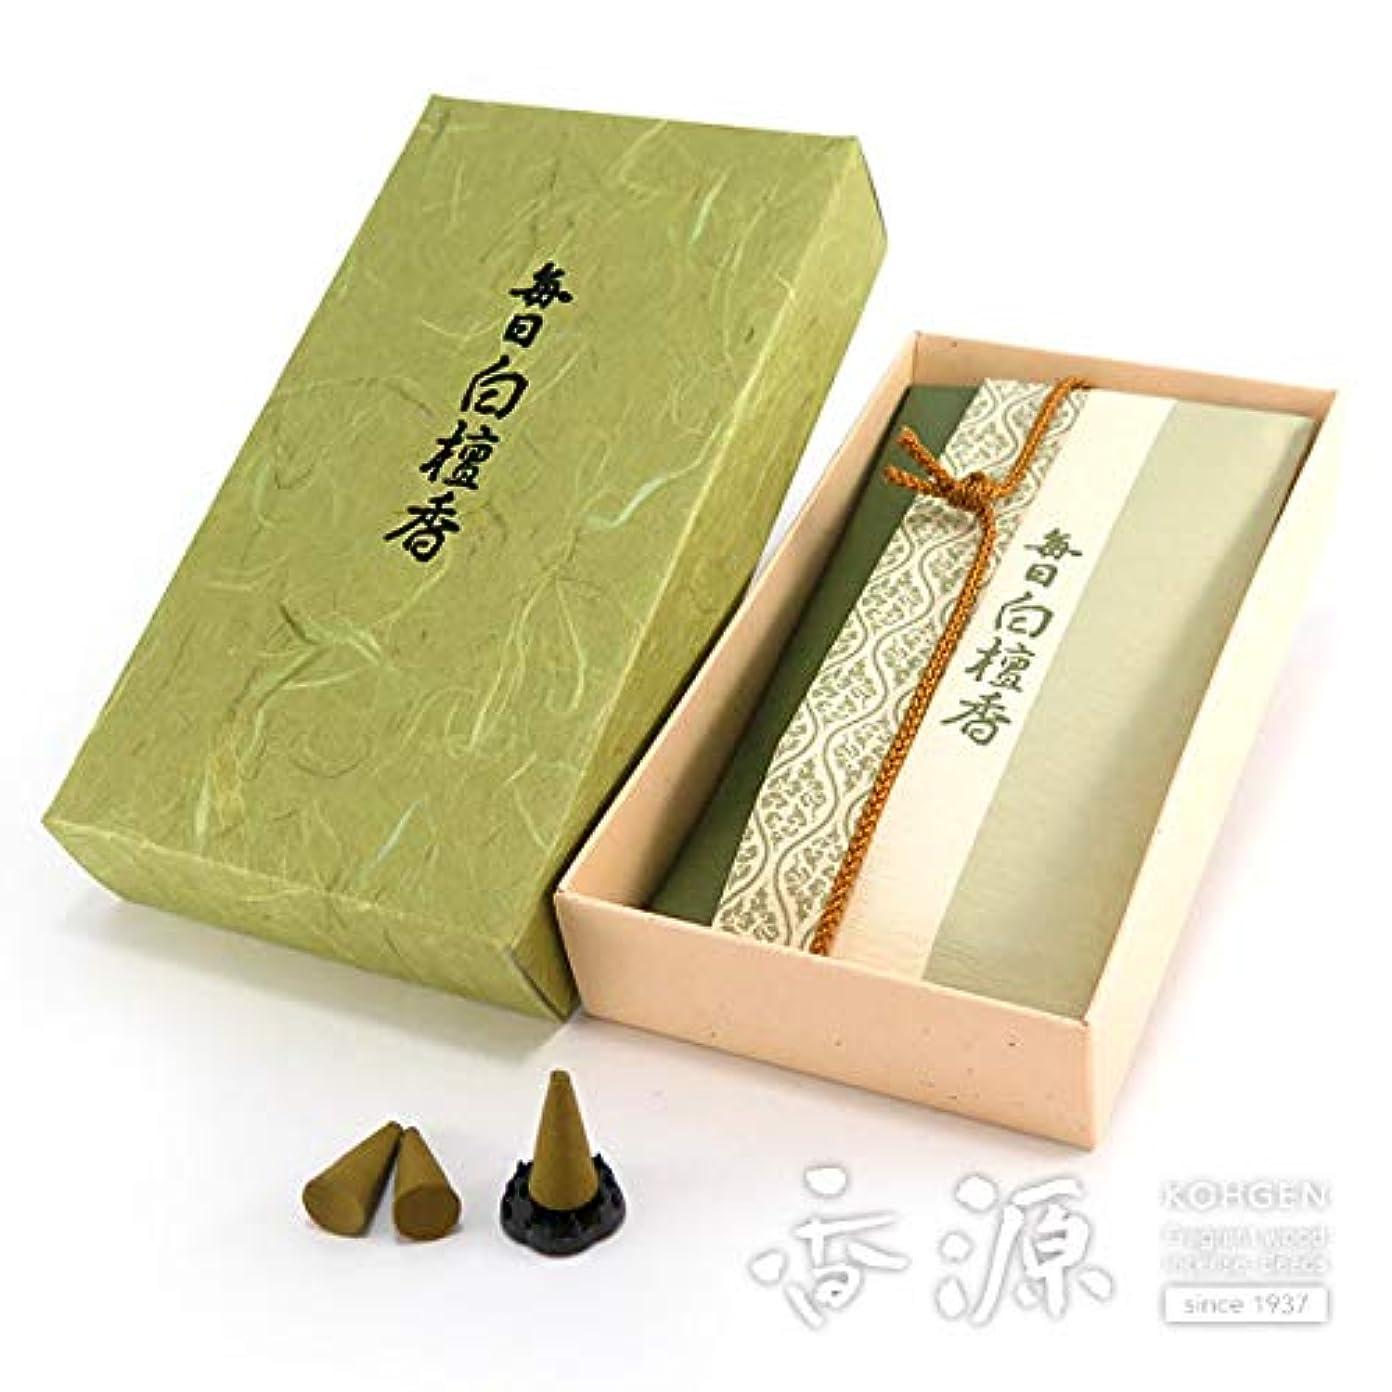 罪悪感また種日本香堂のお香 白檀の定番 毎日白檀香 コーン型24個入